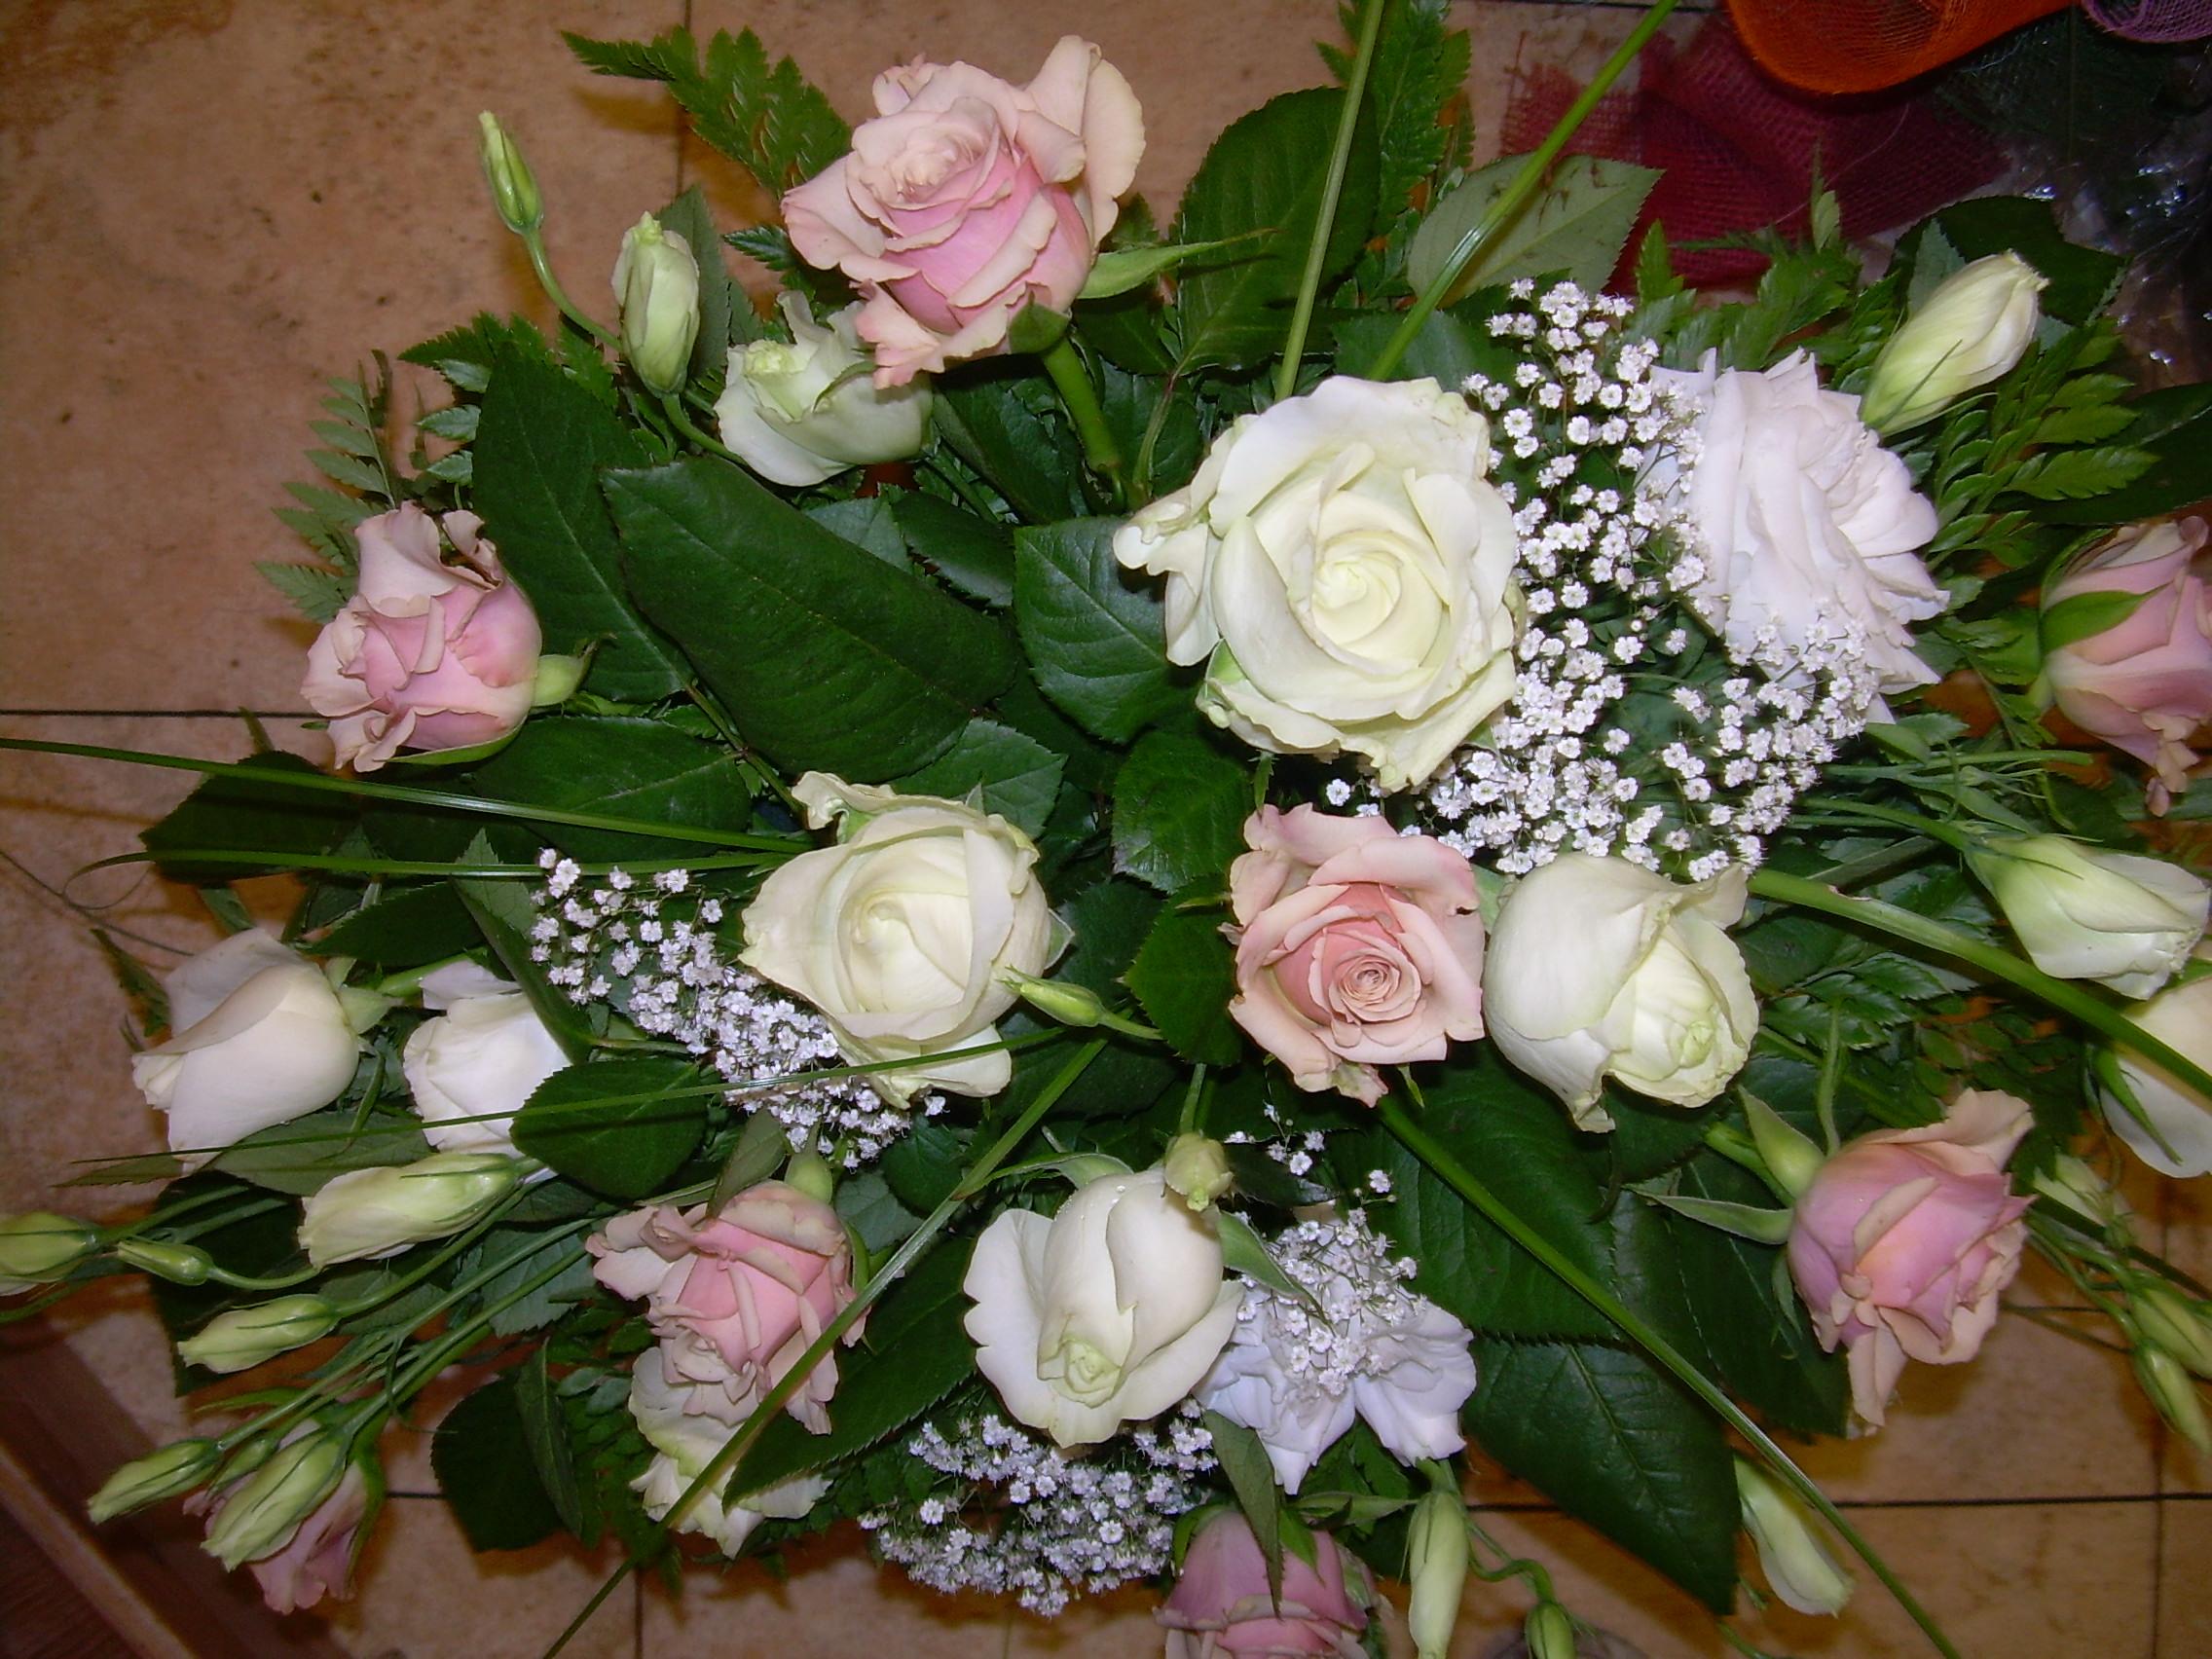 Rose Avalanche E Ortensie : Elisabetta fiori e piante centrotavola con rose bianche